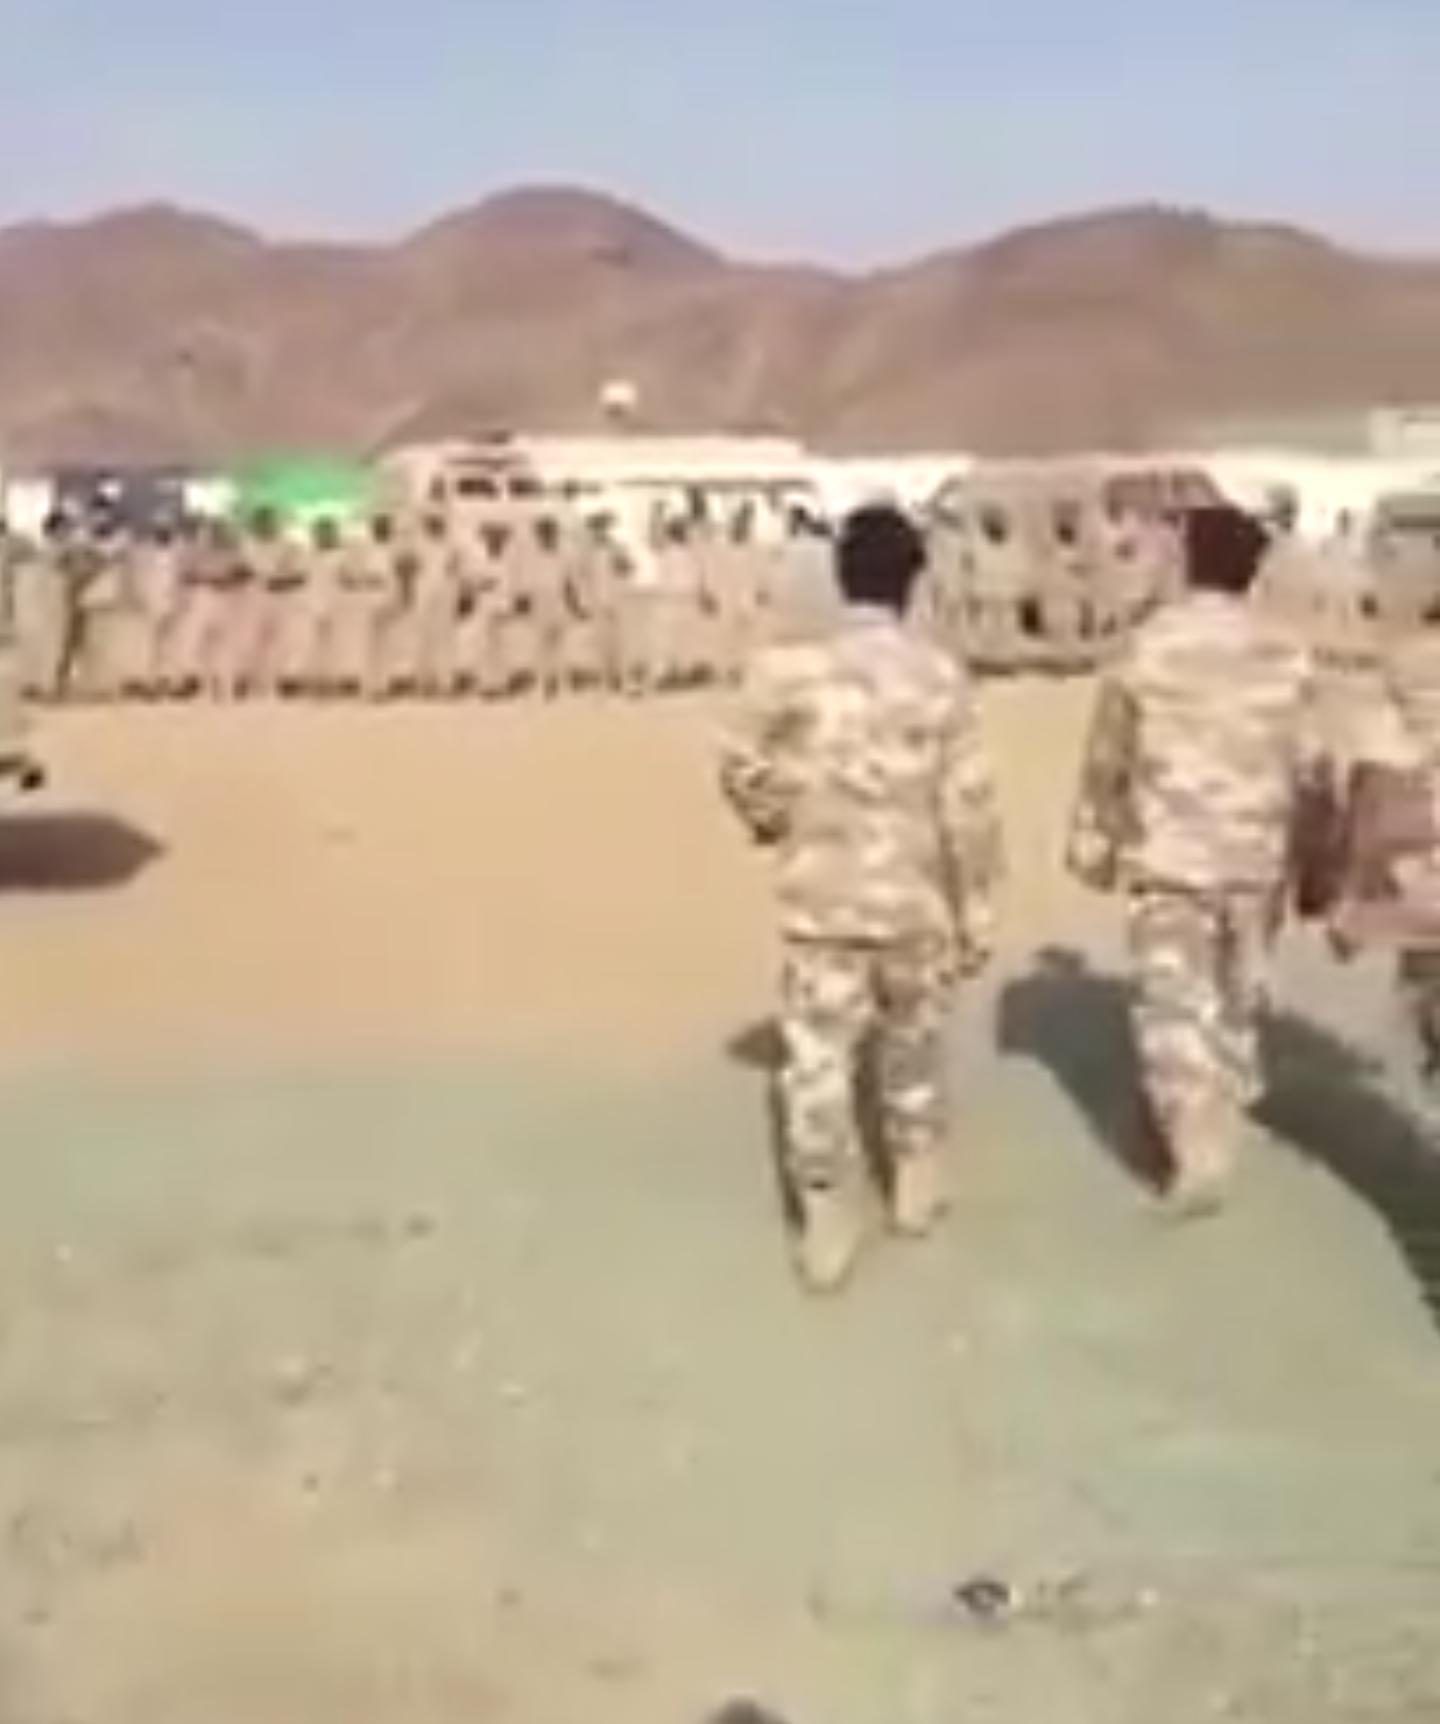 فيديو معايدة الجيش السعودي للجيش القطري على الحد الجنوبي على طريقتهم